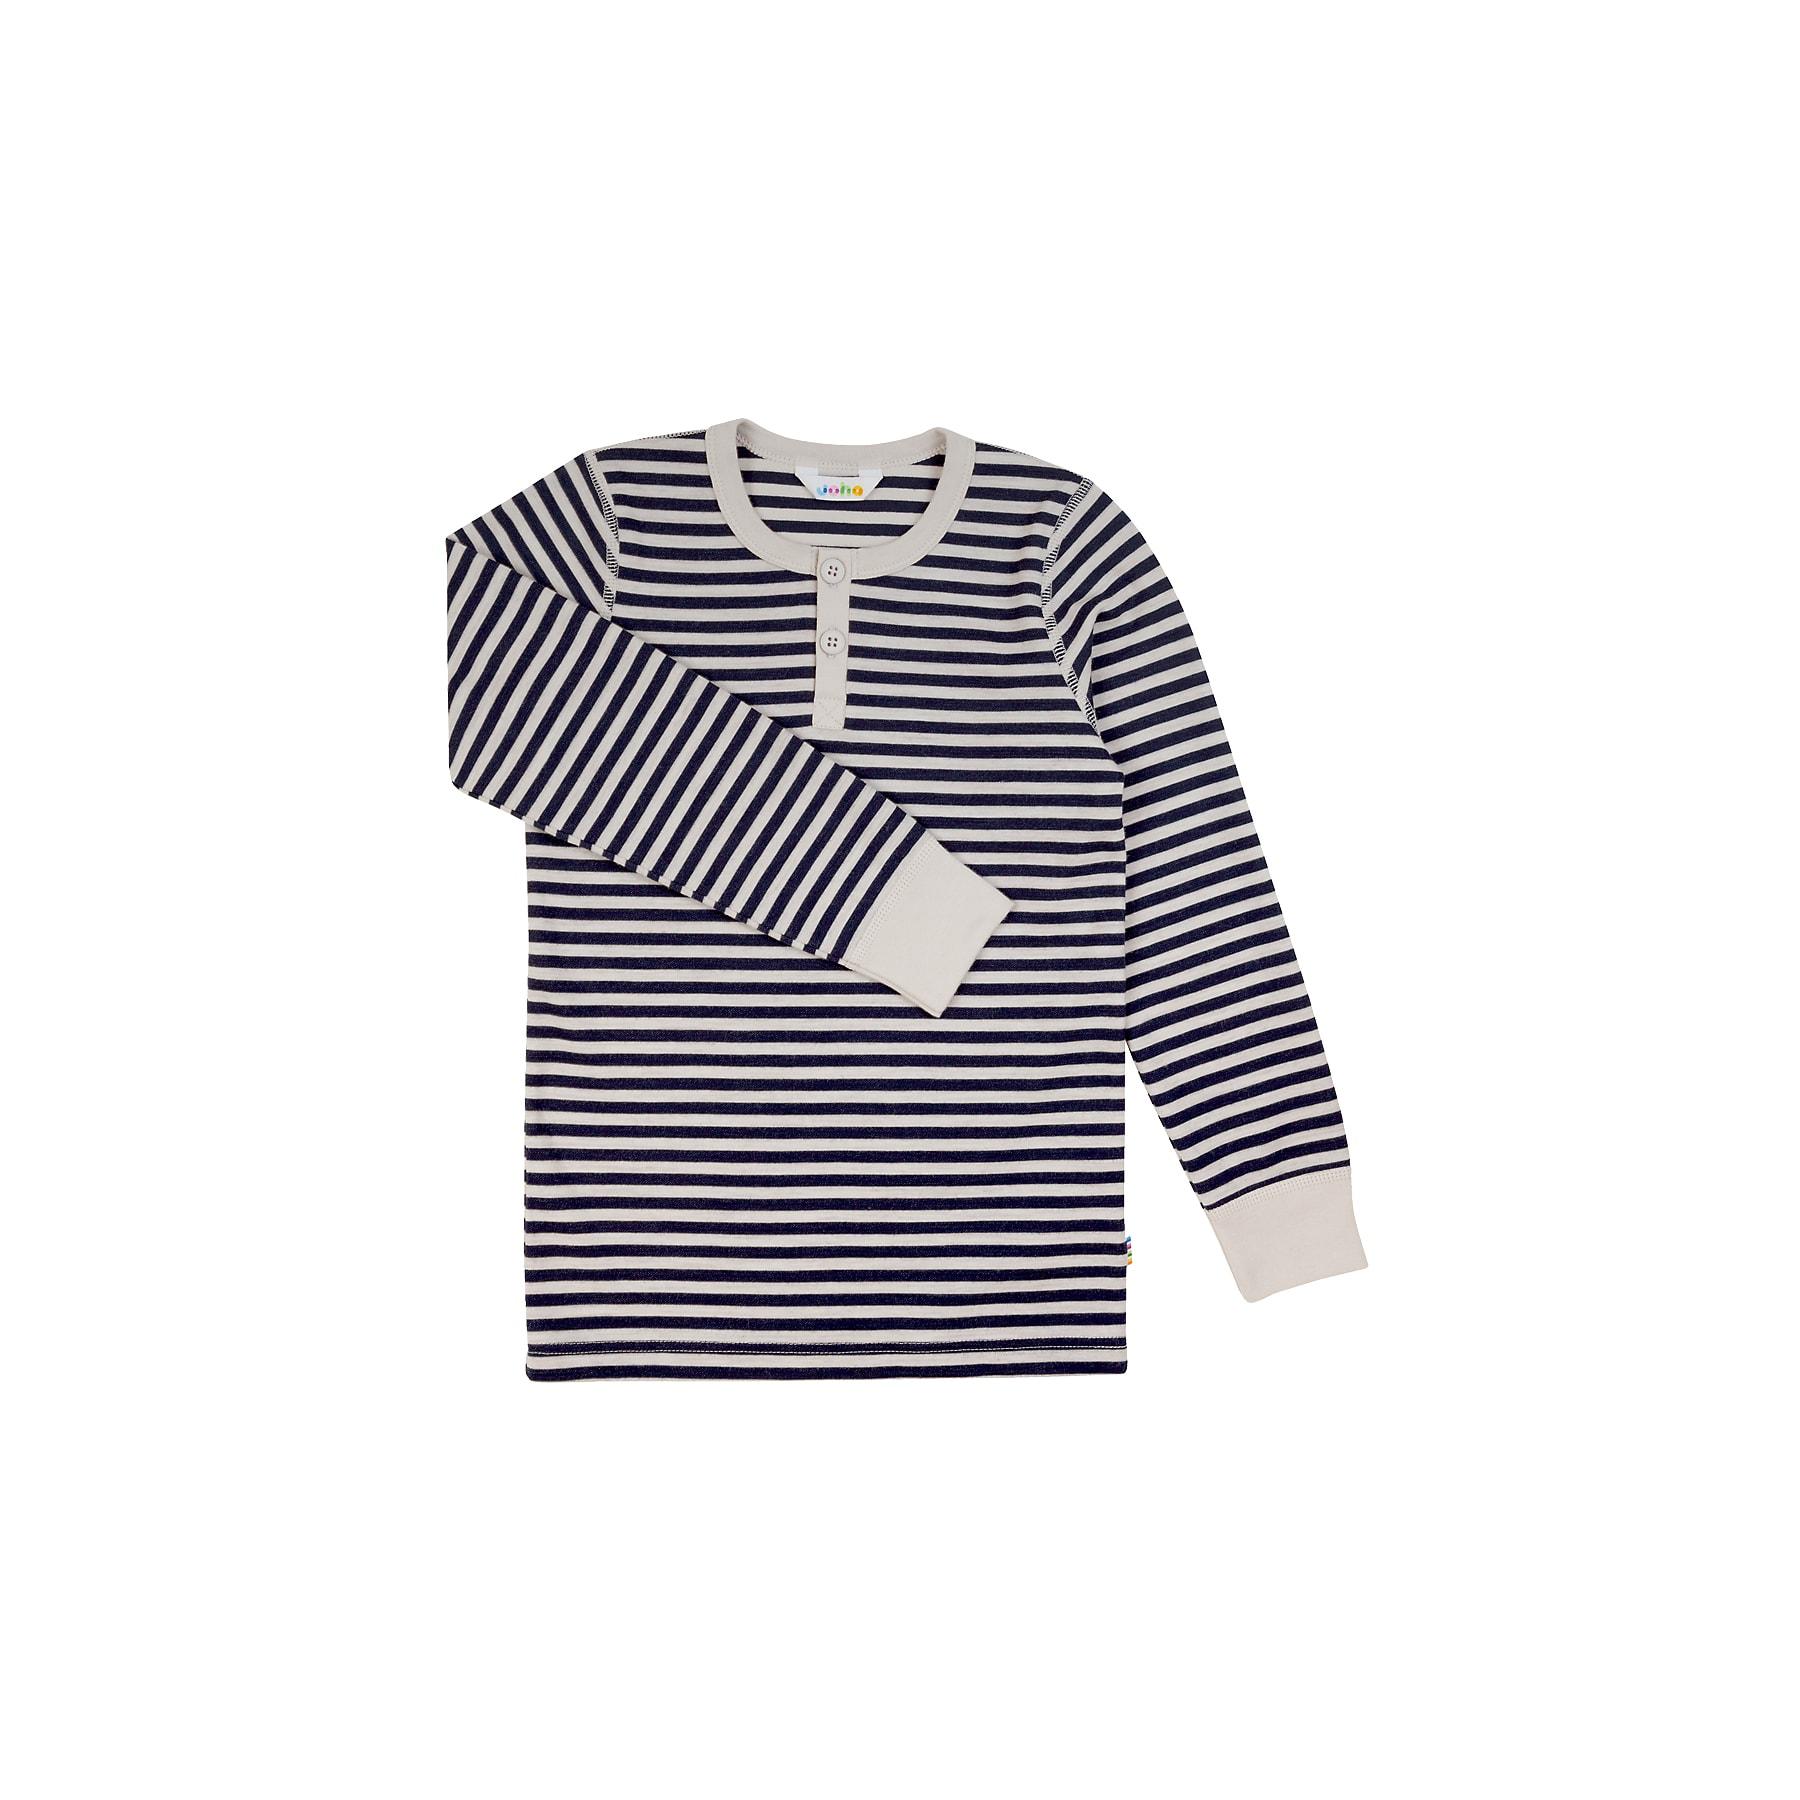 d0bddc1c Langærmet bluse i uld bomuld - Stribet mørkeblå og lysegrå - Joha